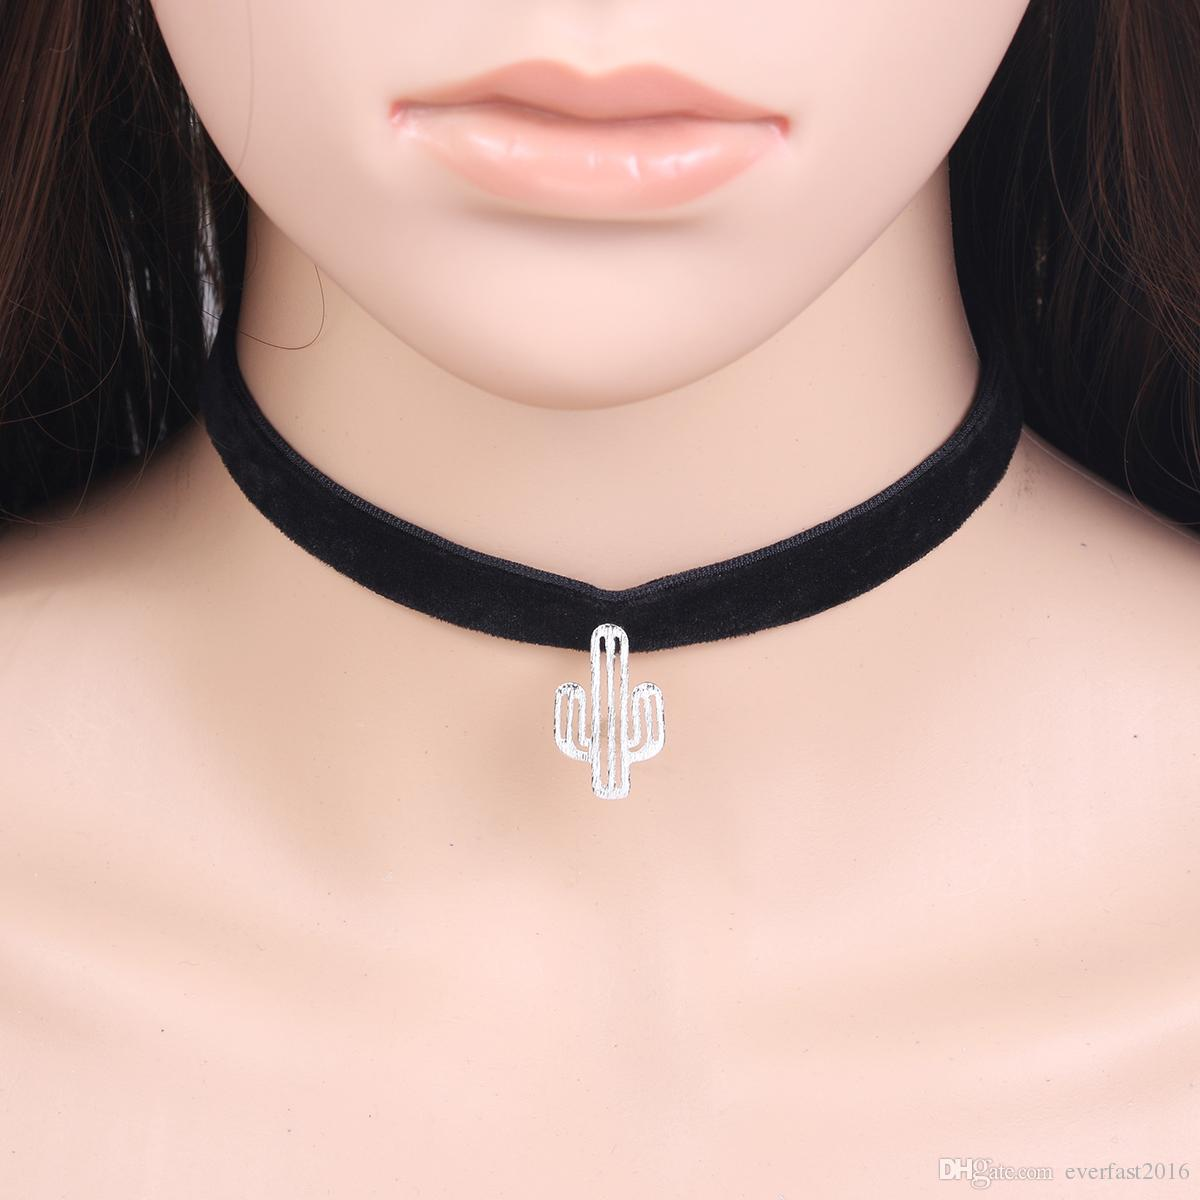 New Desert Cactus Pendant Black Velvet Rope Charms Choker Collar Necklace Female Collier Bijoux Girls Gift EFN019V